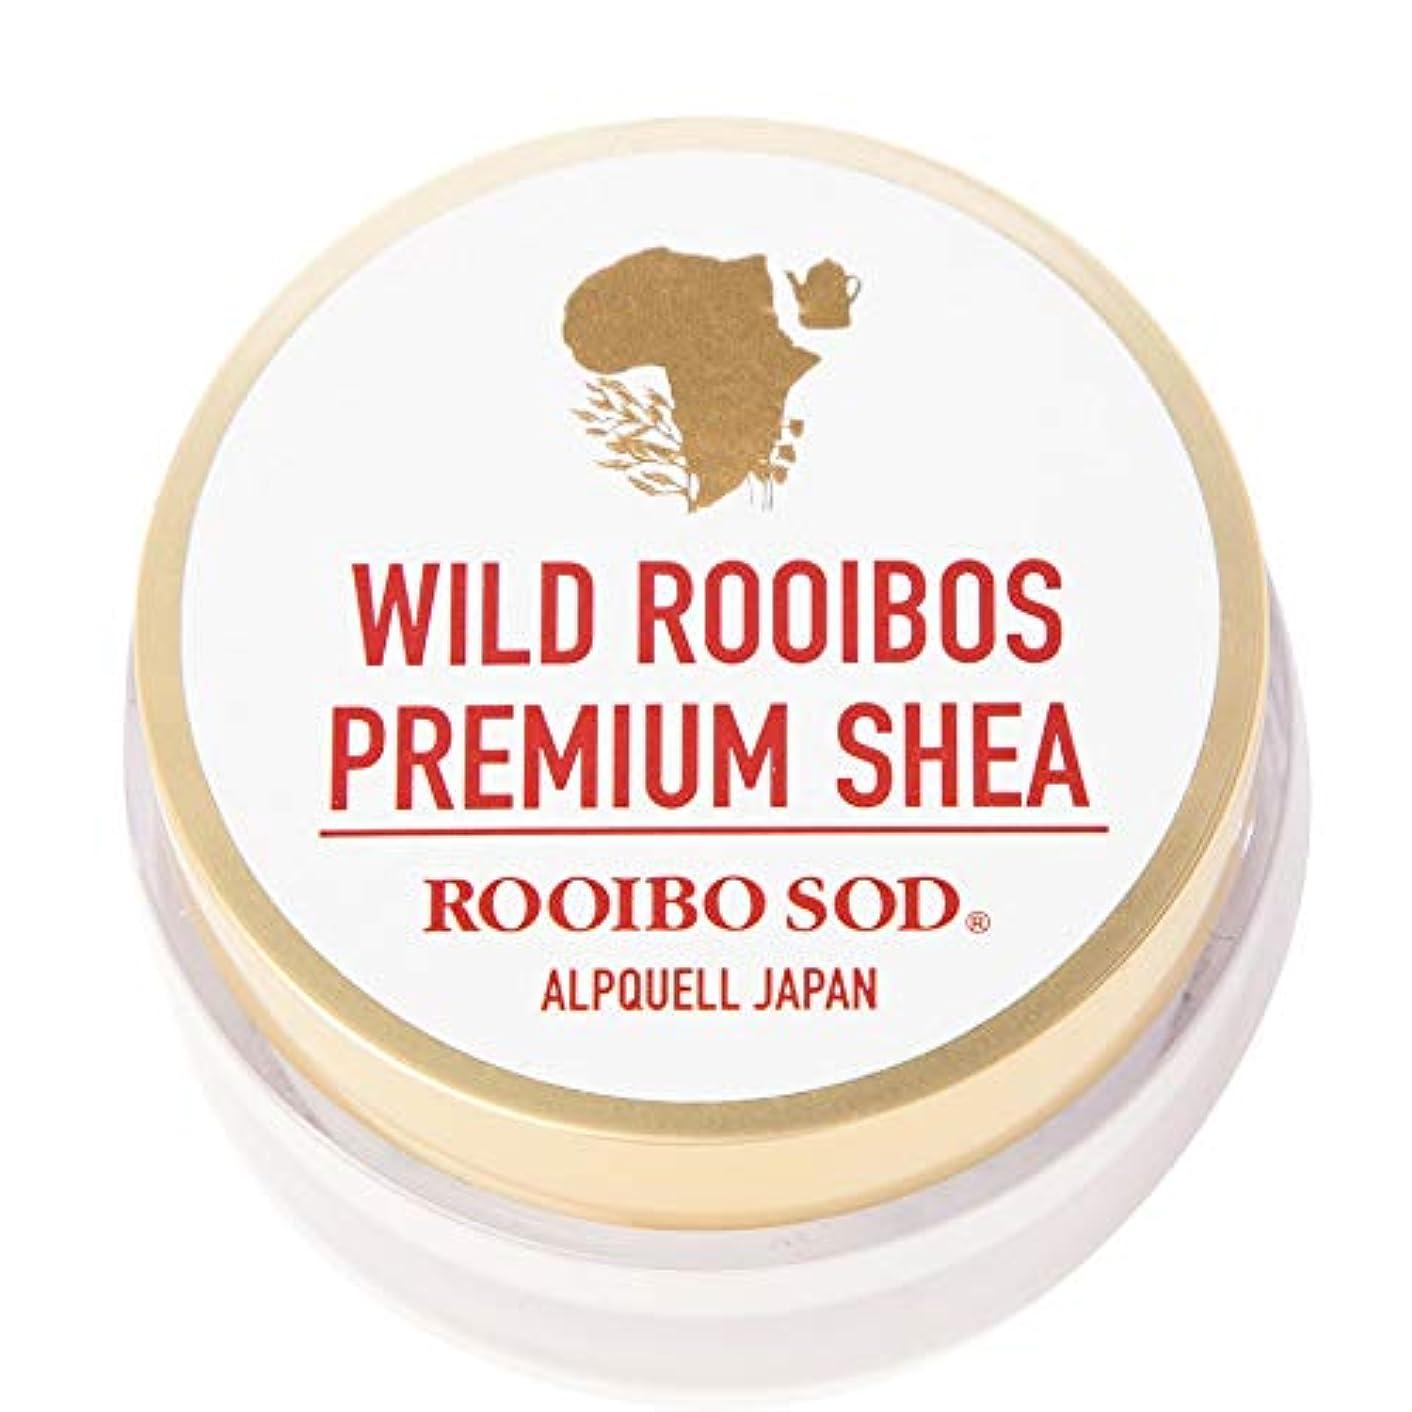 香ばしい田舎絶滅ROOIBO SOD ルイボソード プレミアムシアクリーム シア脂 ルイボスエキス配合 無添加、天然成分100%